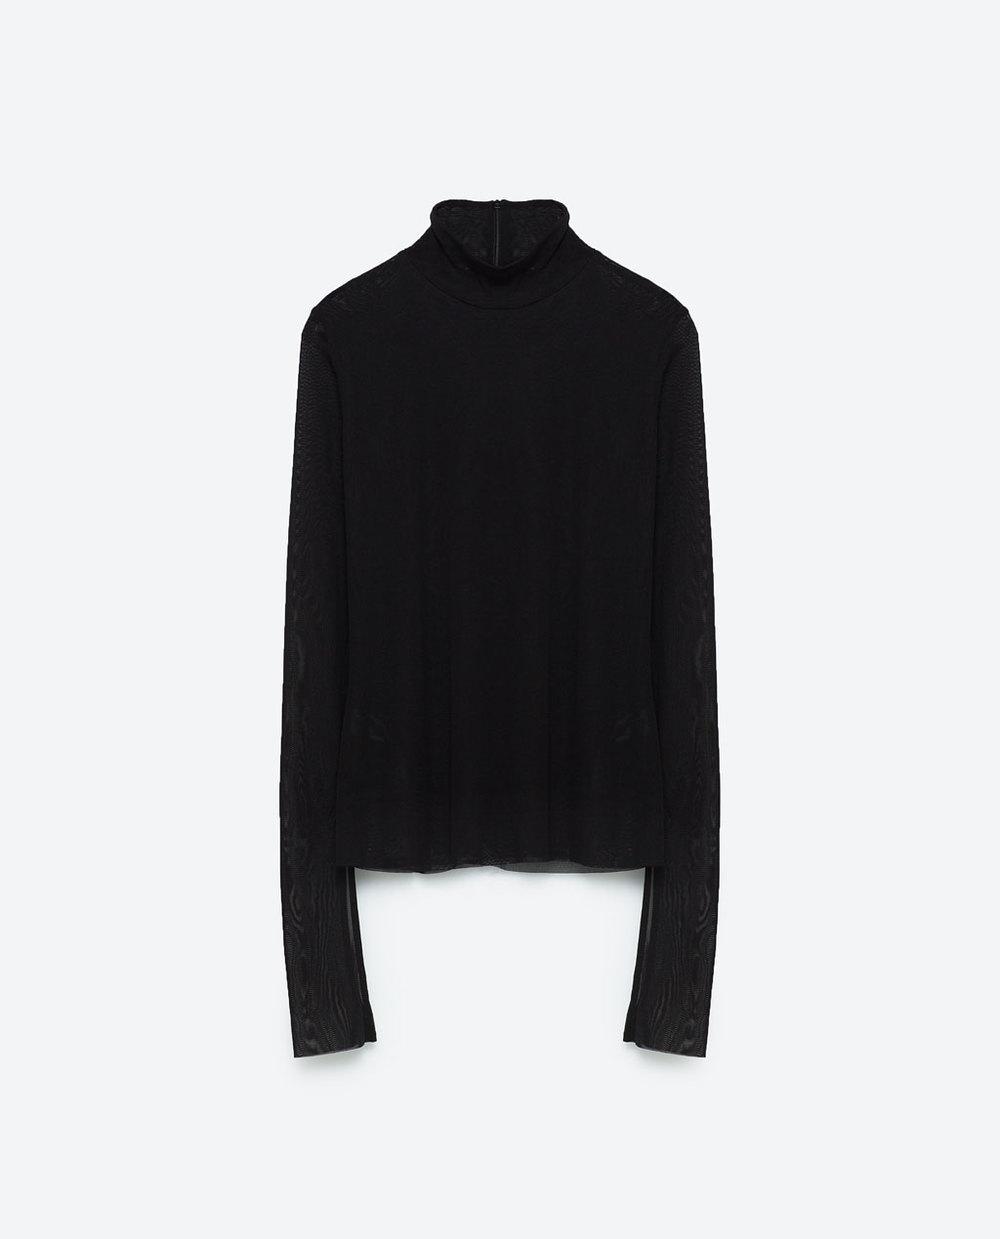 $25.90 - Zara